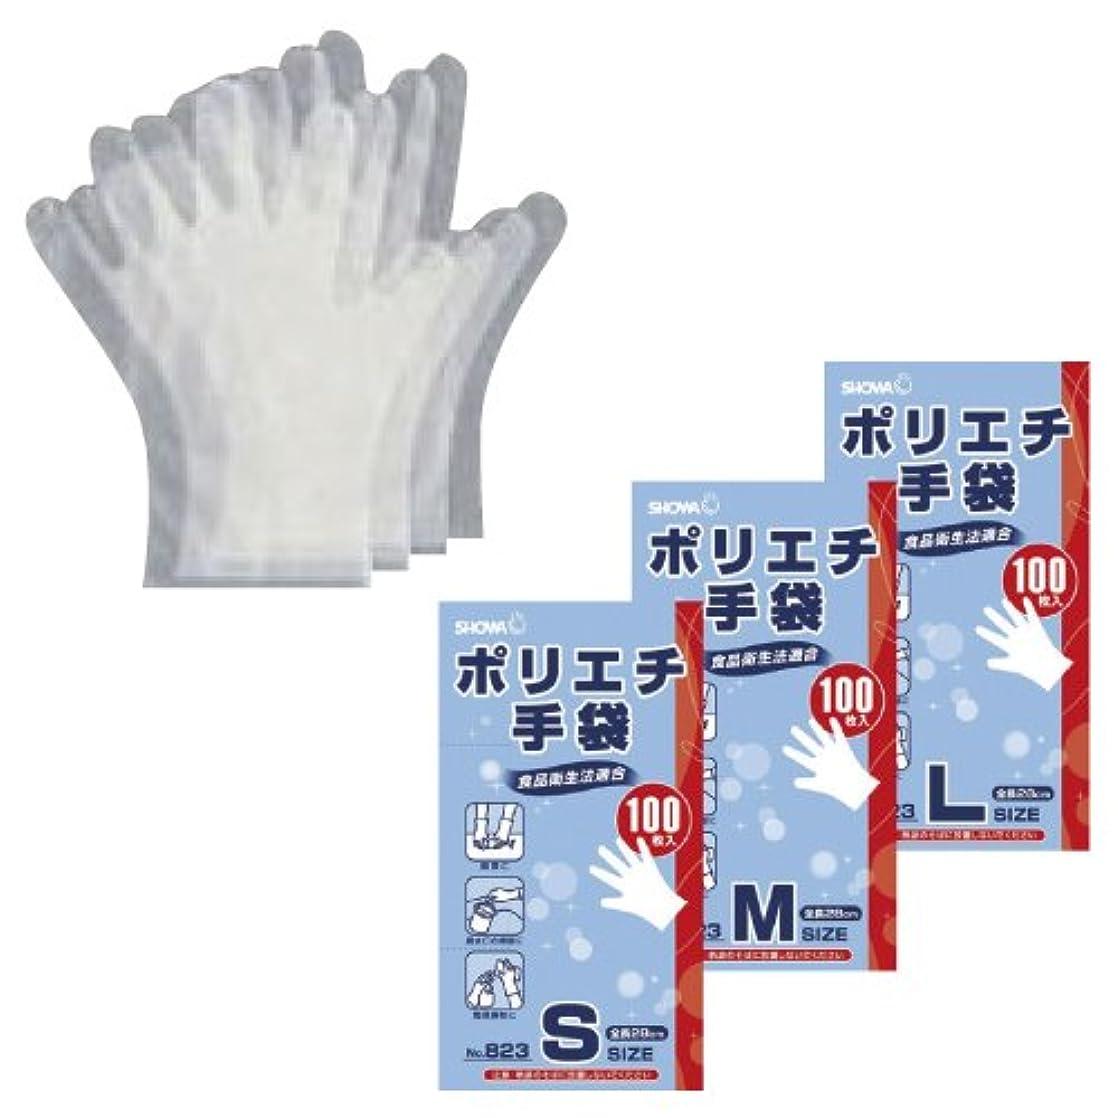 ロッカー陪審悪化させるポリエチ手袋(半透明) NO.823(S)100????????????(23-7247-00)